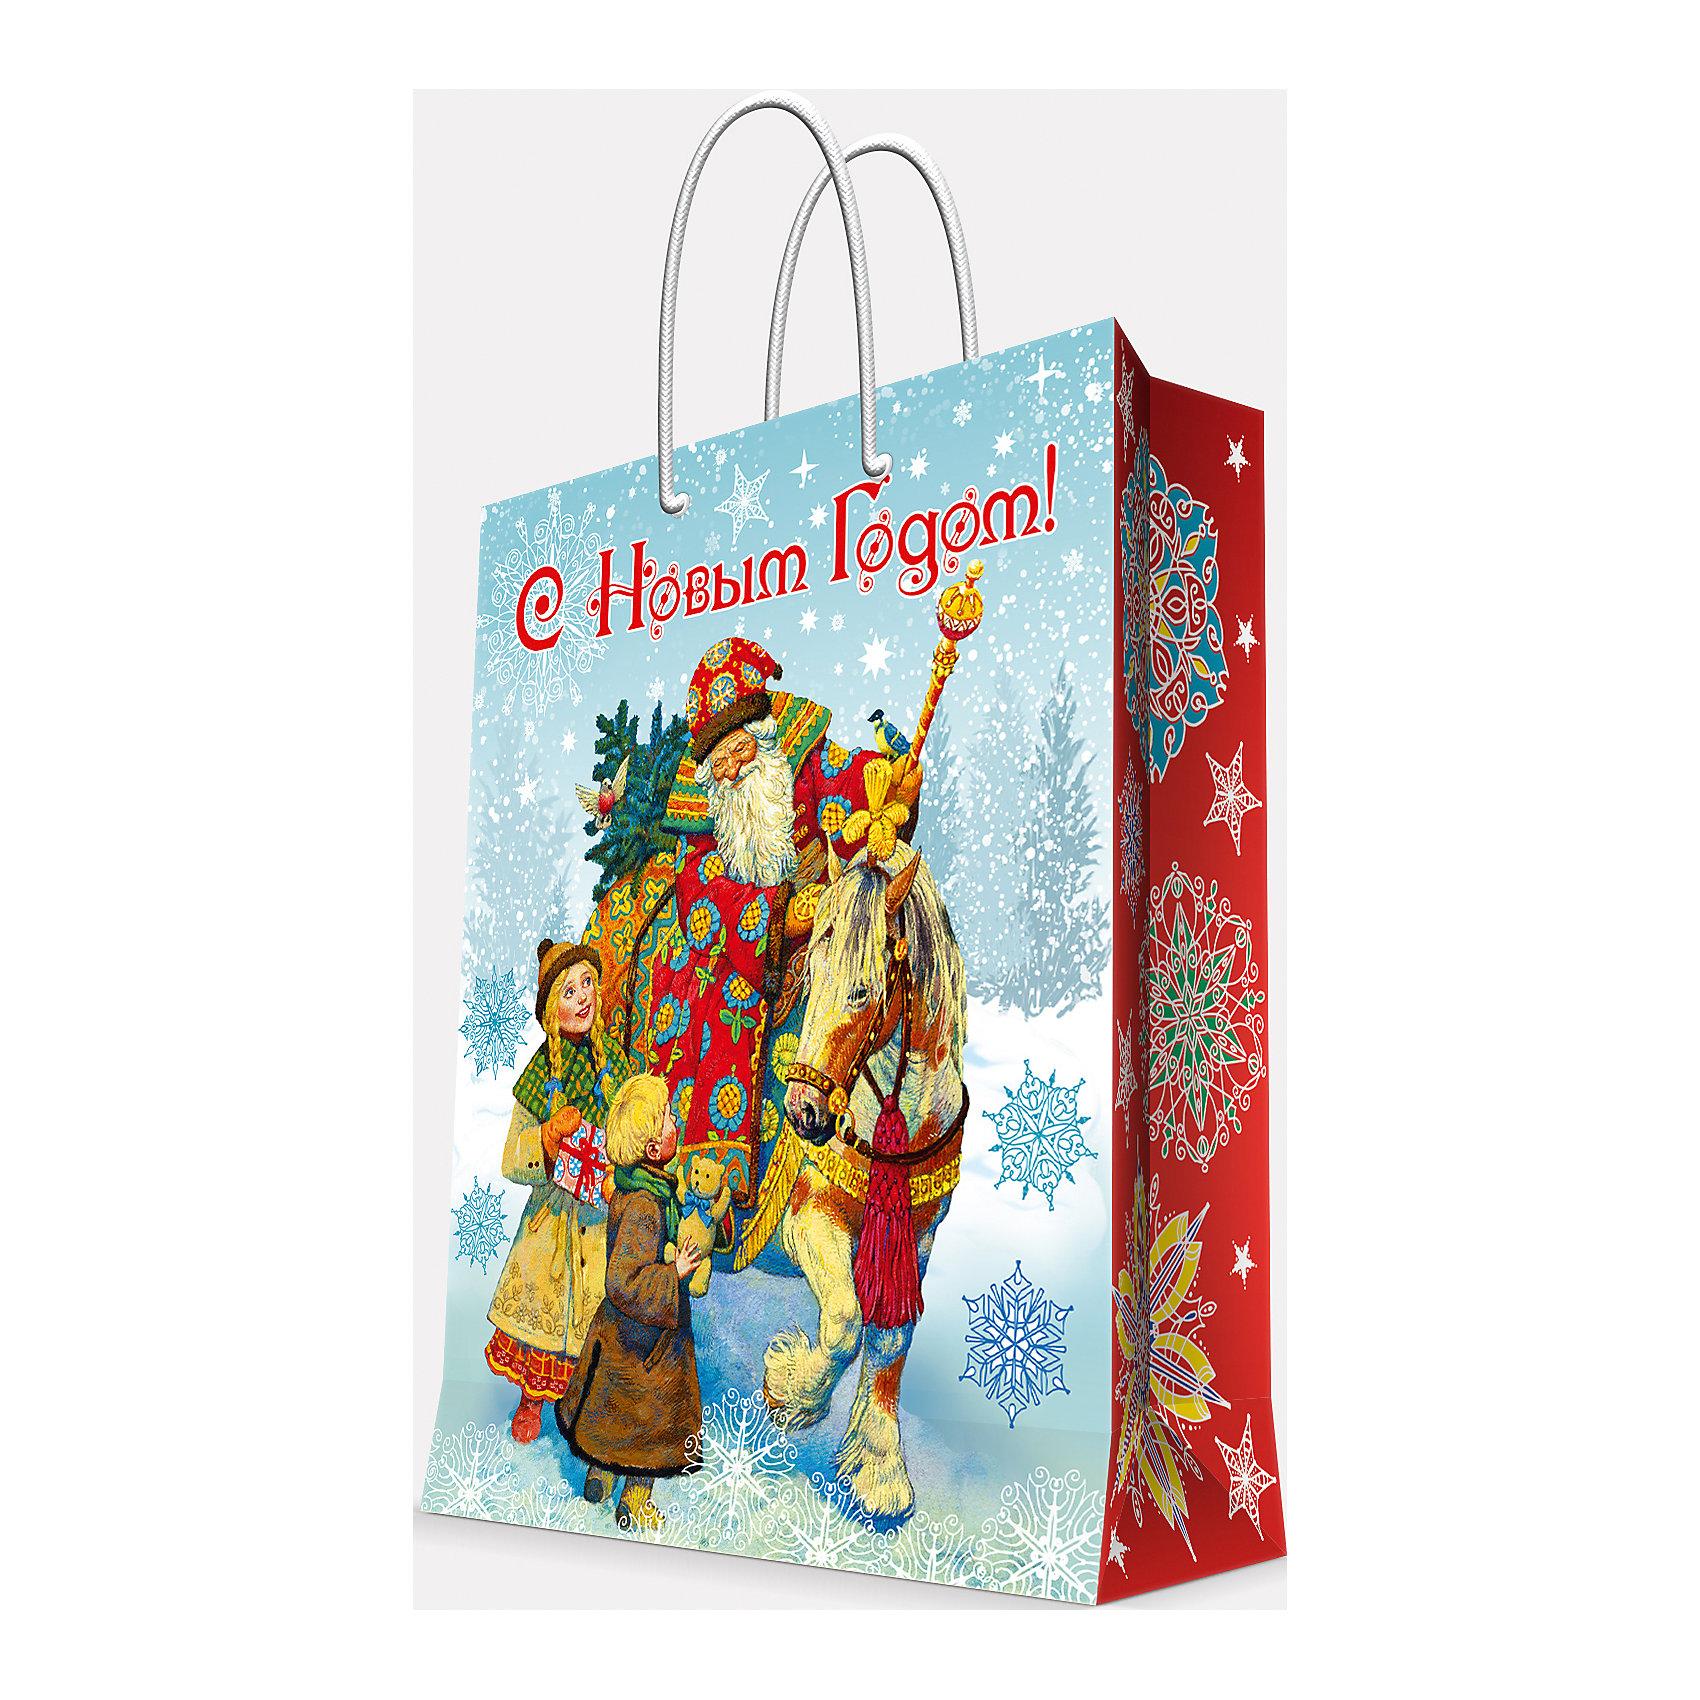 Подарочный пакет Дед Мороз и дети 17,8*22,9*9,8 смВсё для праздника<br>Предновогодние хлопоты многие любят даже больше самого праздника! Праздничное настроение создает украшенный дом, наряженная ёлка, запах мандаринов, предновогодняя суета и, конечно же, подарки! Чтобы сделать момент вручения приятнее, нужен красивый подарочный пакет.<br>Этот пакет украшен симпатичным универсальным рисунком, поэтому в него можно упаковать подарок и родственнику, и коллеге. Он сделан из безопасного для детей, прочного, но легкого, материала. Создайте с ним праздничное настроение себе и близким!<br><br>Дополнительная информация:<br><br>плотность бумаги: 140 г/м2;<br>размер: 18 х 23 х 10 см;<br>с ламинацией;<br>украшен рисунком.<br><br>Подарочный пакет Дед Мороз и дети 17,8*22,9*9,8 см можно купить в нашем магазине.<br><br>Ширина мм: 178<br>Глубина мм: 229<br>Высота мм: 98<br>Вес г: 39<br>Возраст от месяцев: 36<br>Возраст до месяцев: 2147483647<br>Пол: Унисекс<br>Возраст: Детский<br>SKU: 4981586